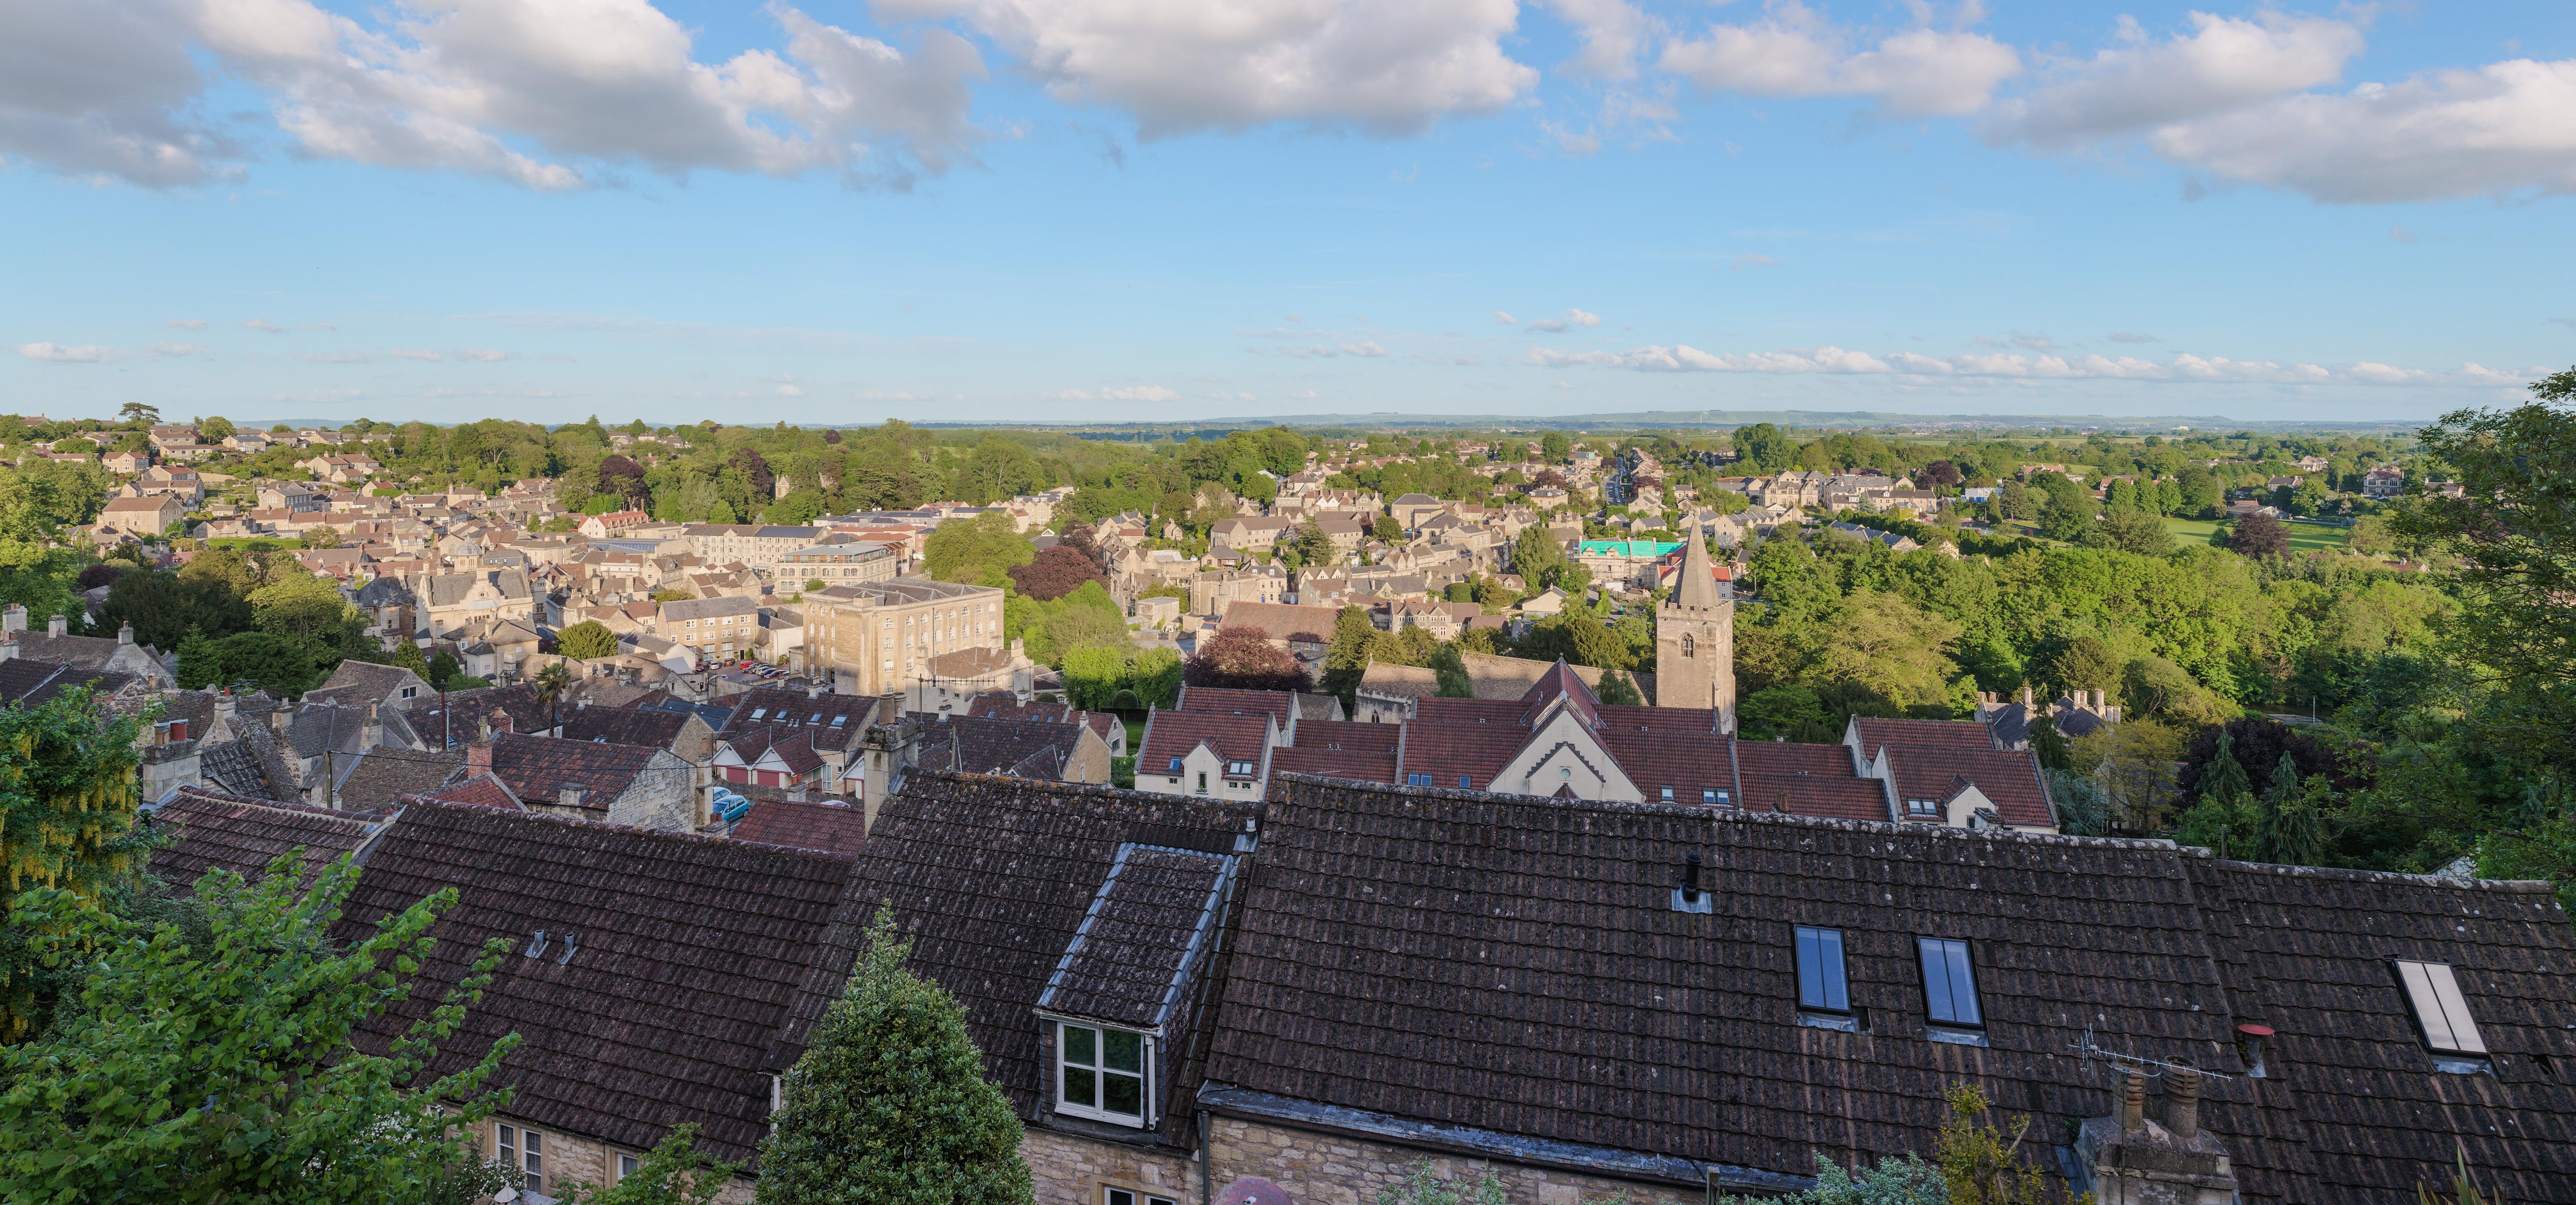 Bradford on Avon United Kingdom  city photos : bradford on avon, Wiltshire, United Kingdom What happens in bradford ...